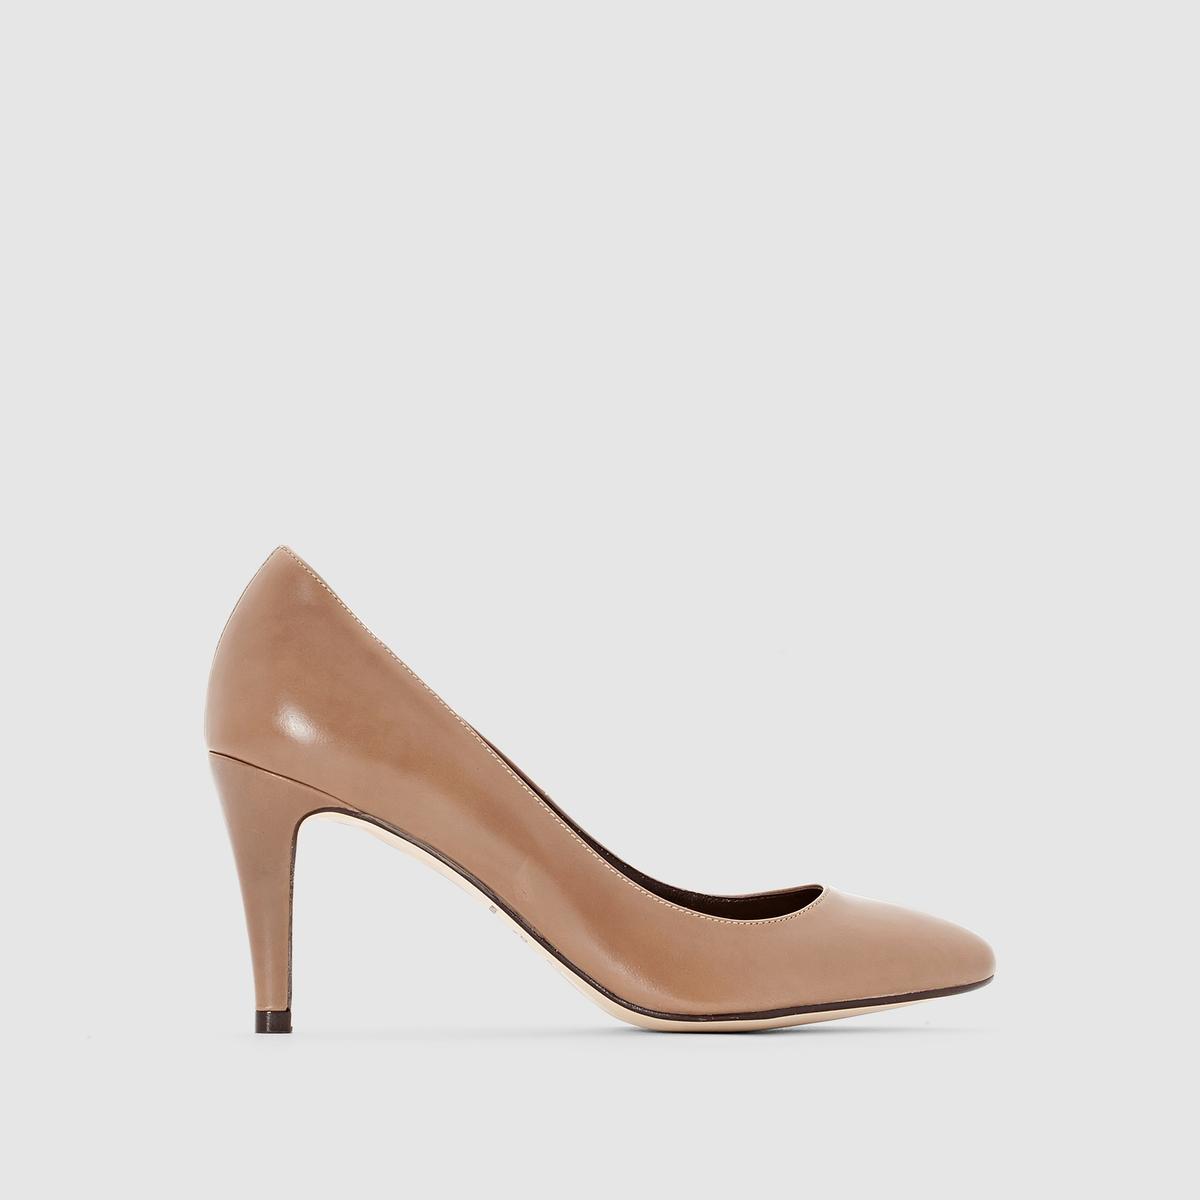 Туфли на каблуке 11395Подкладка : Кожа   Подошва: эластомер   Высота каблука: 8 смФорма каблука : Тонкий каблук   Носок : Острый мысок   Застежка: без застежки<br><br>Цвет: серо-коричневый